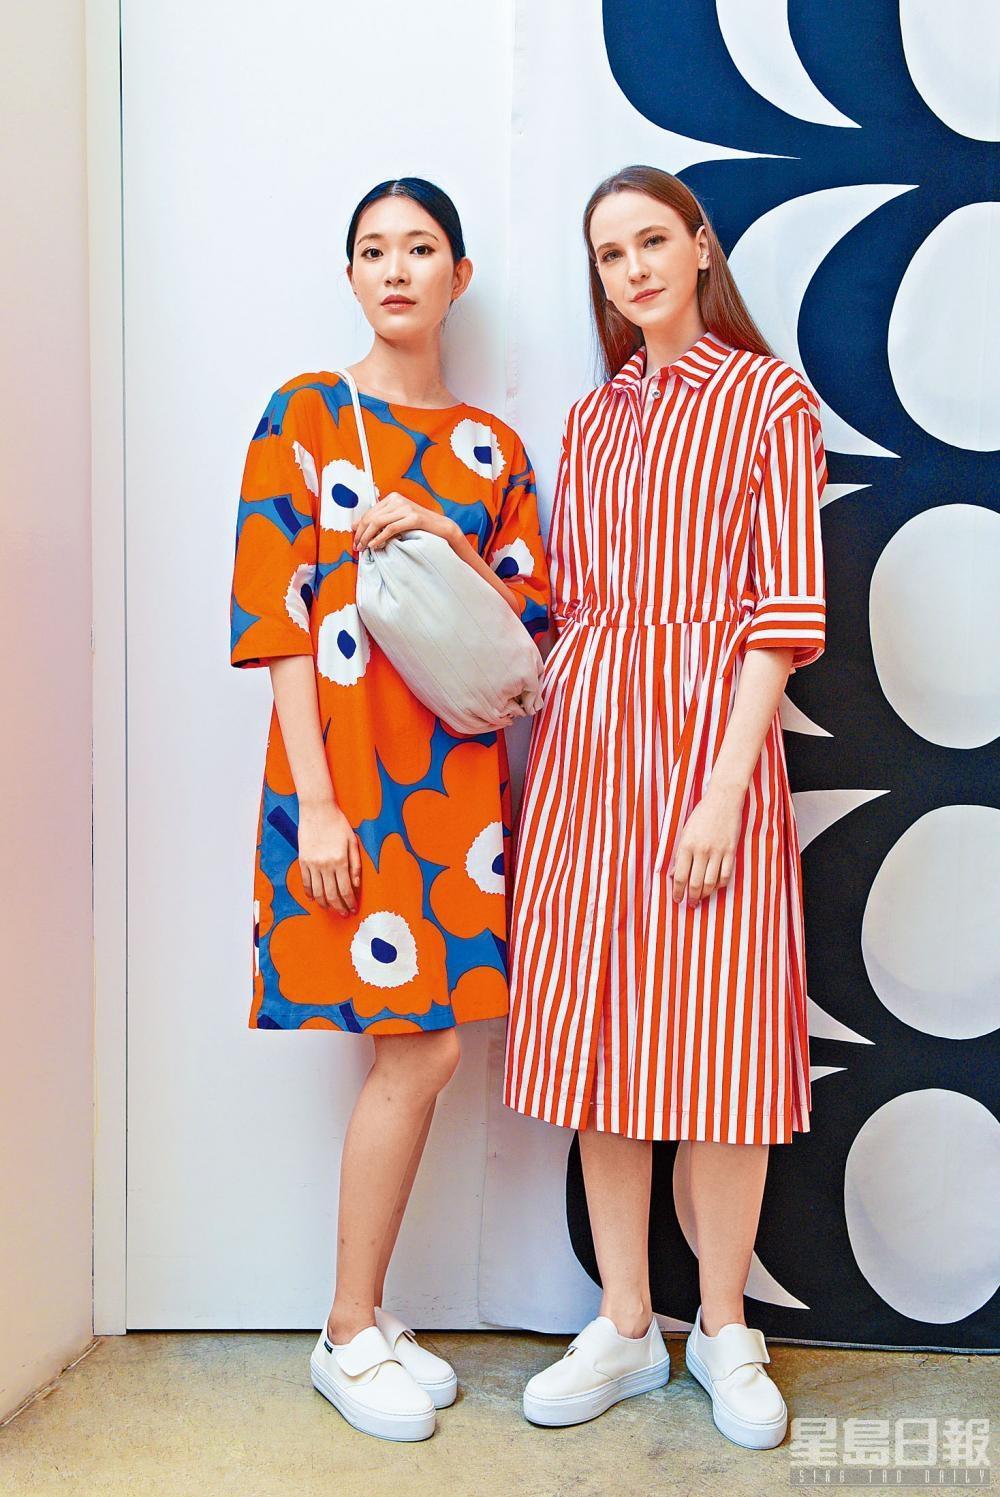 左/拼色Unikko連身裙、皮革束繩袋、白色Sneakers;右/橙白色Tasaraita條紋連身裙、白色Sneakers。